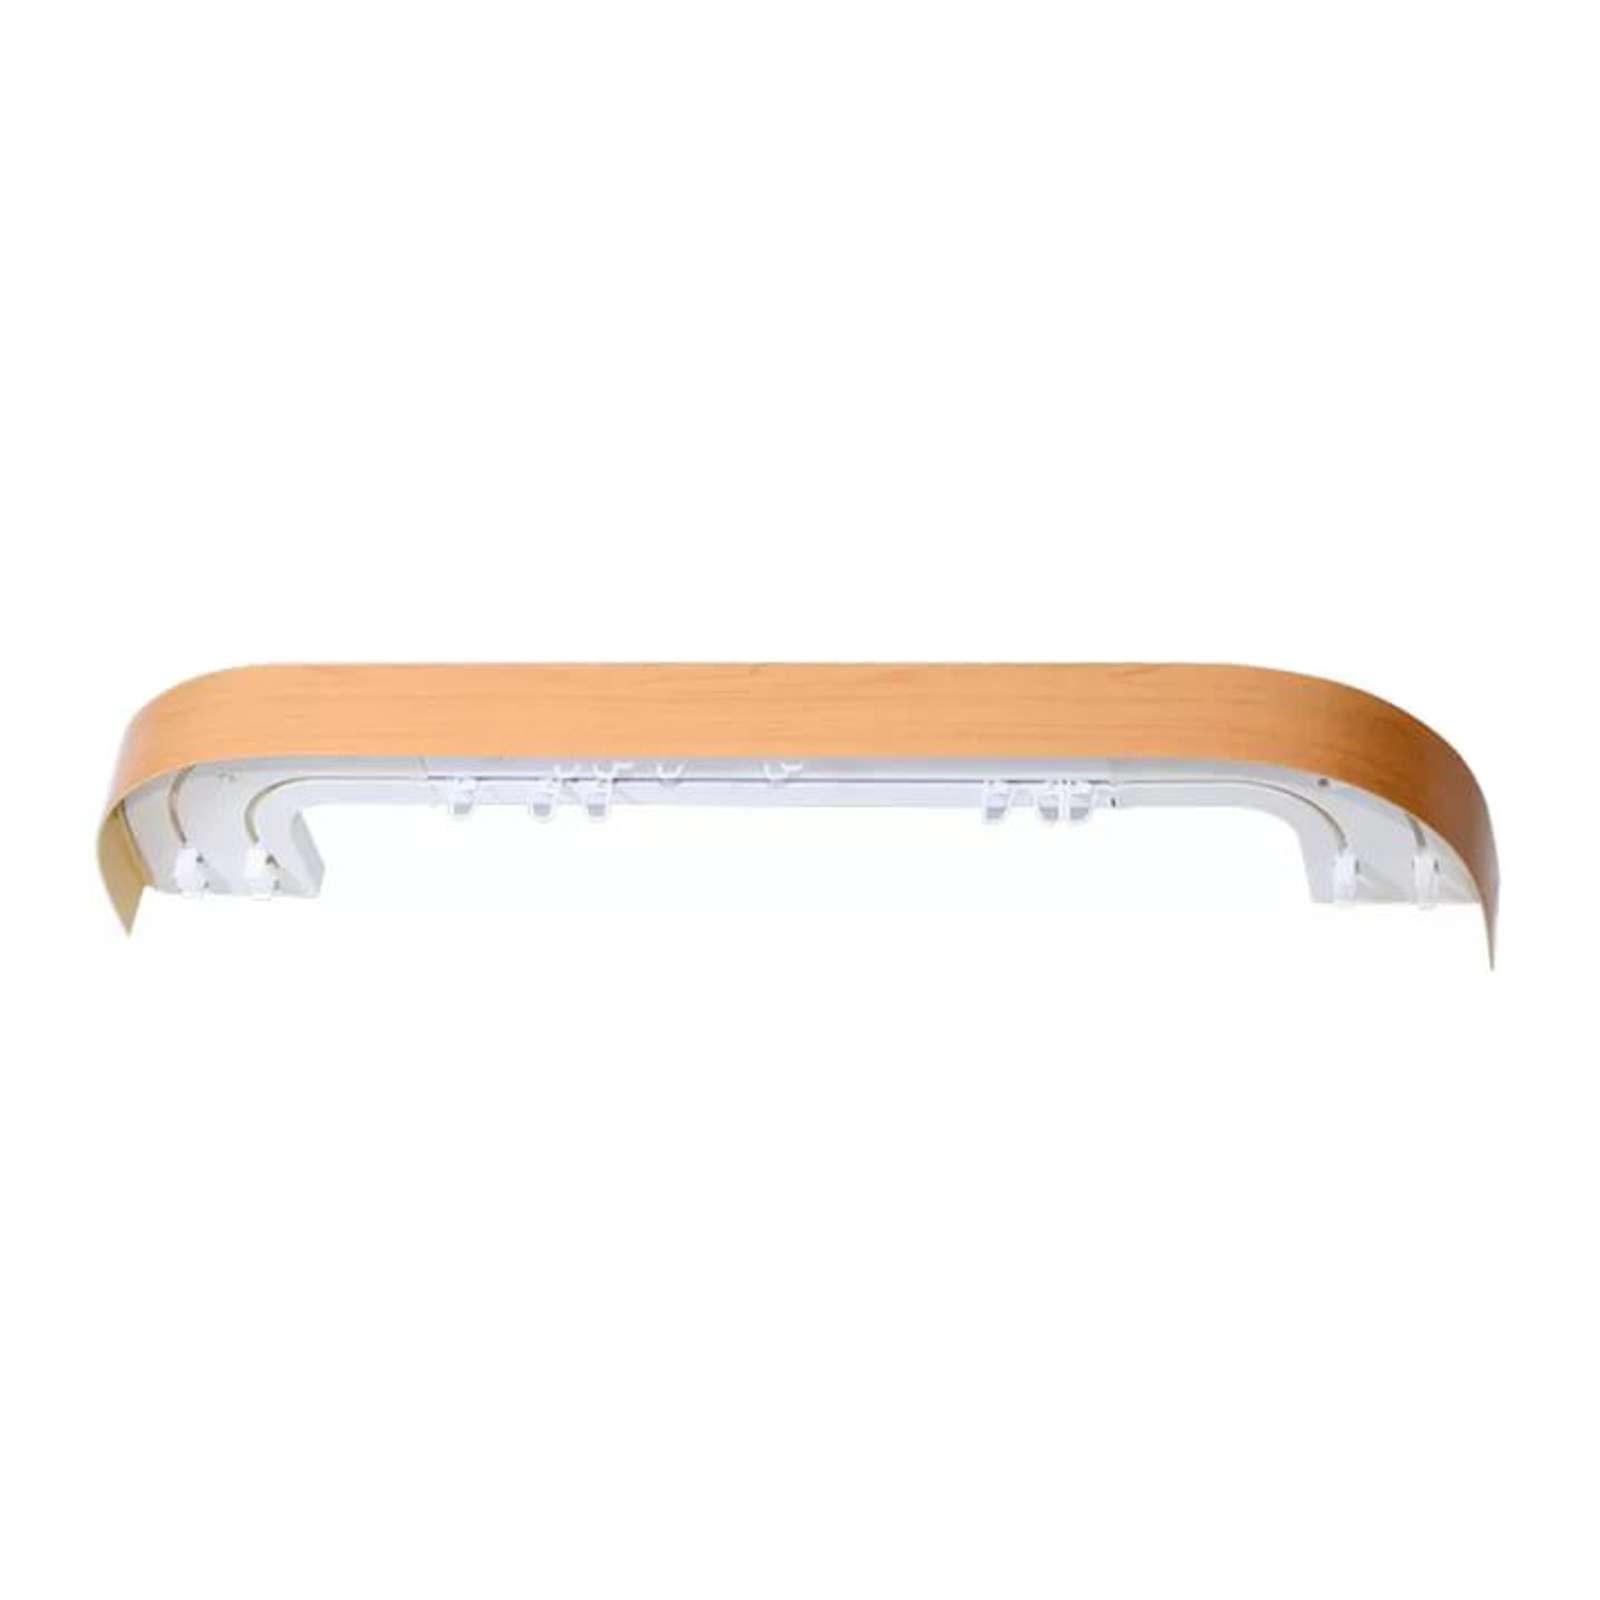 Карниз потолочный с планкой (бук) для штор двухрядный 2,0м, Магеллан